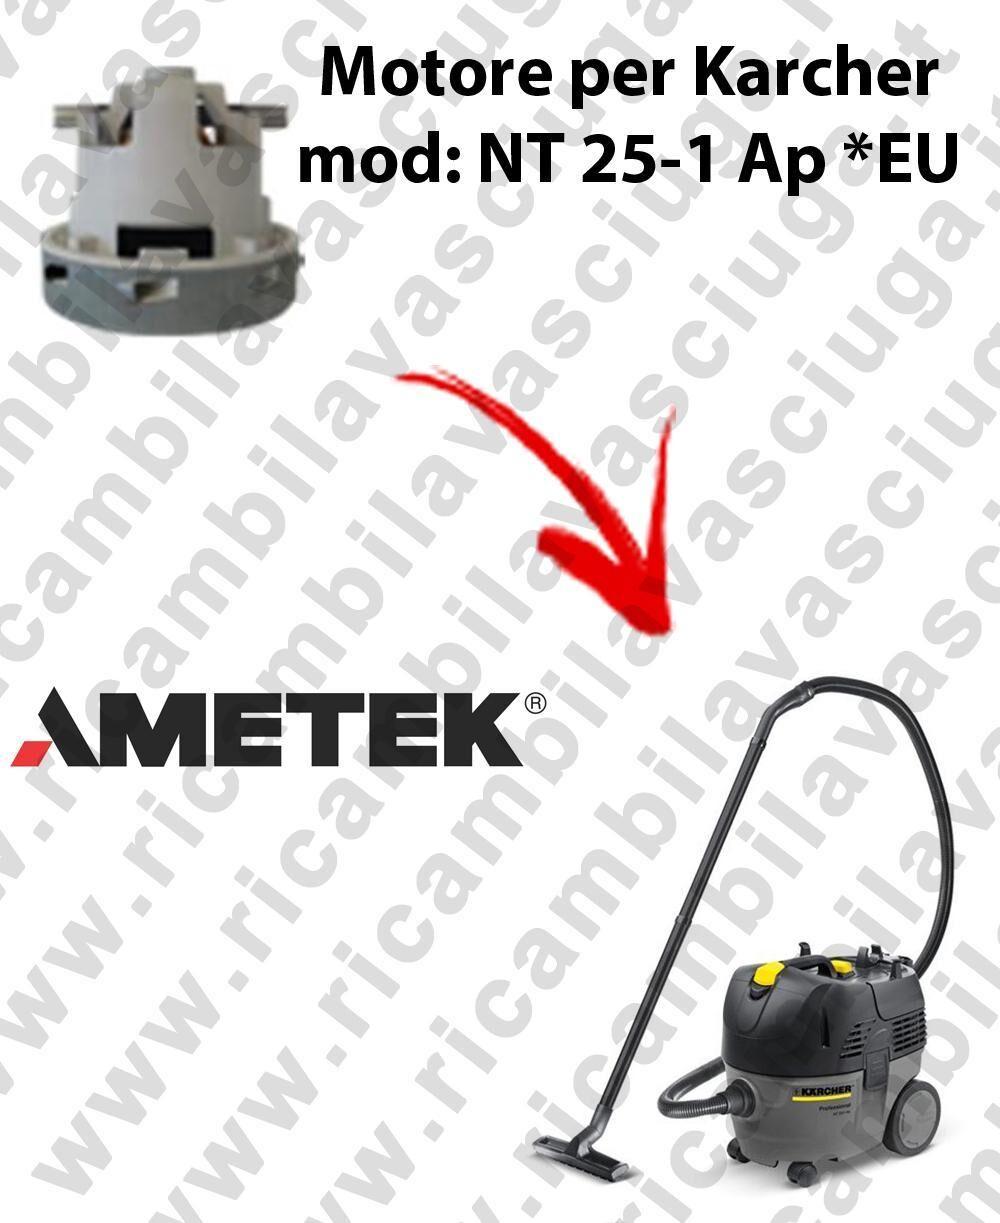 Karcher NT 25-1 Ap * EU MOTORE aspirazione AMETEK per aspirapolvere